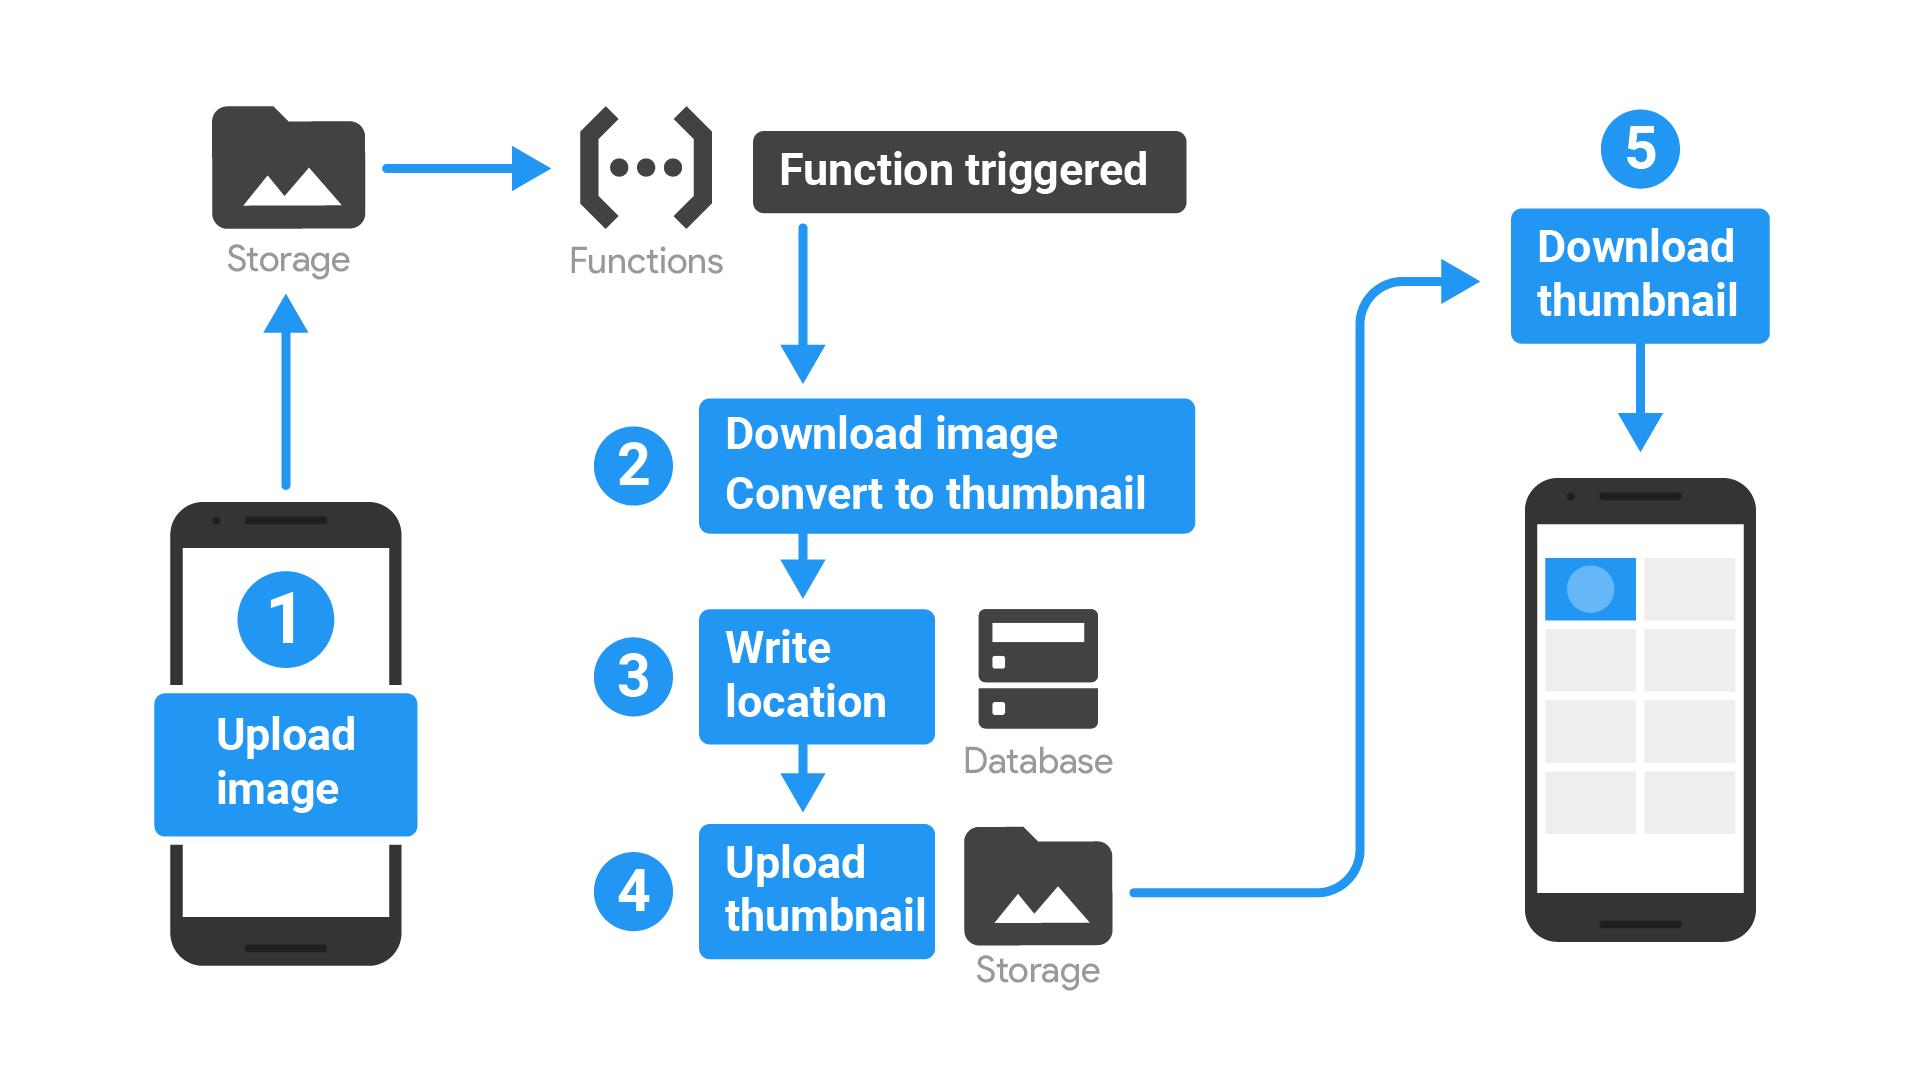 Sơ đồ hiển thị luồng ứng dụng được mô tả bên dưới